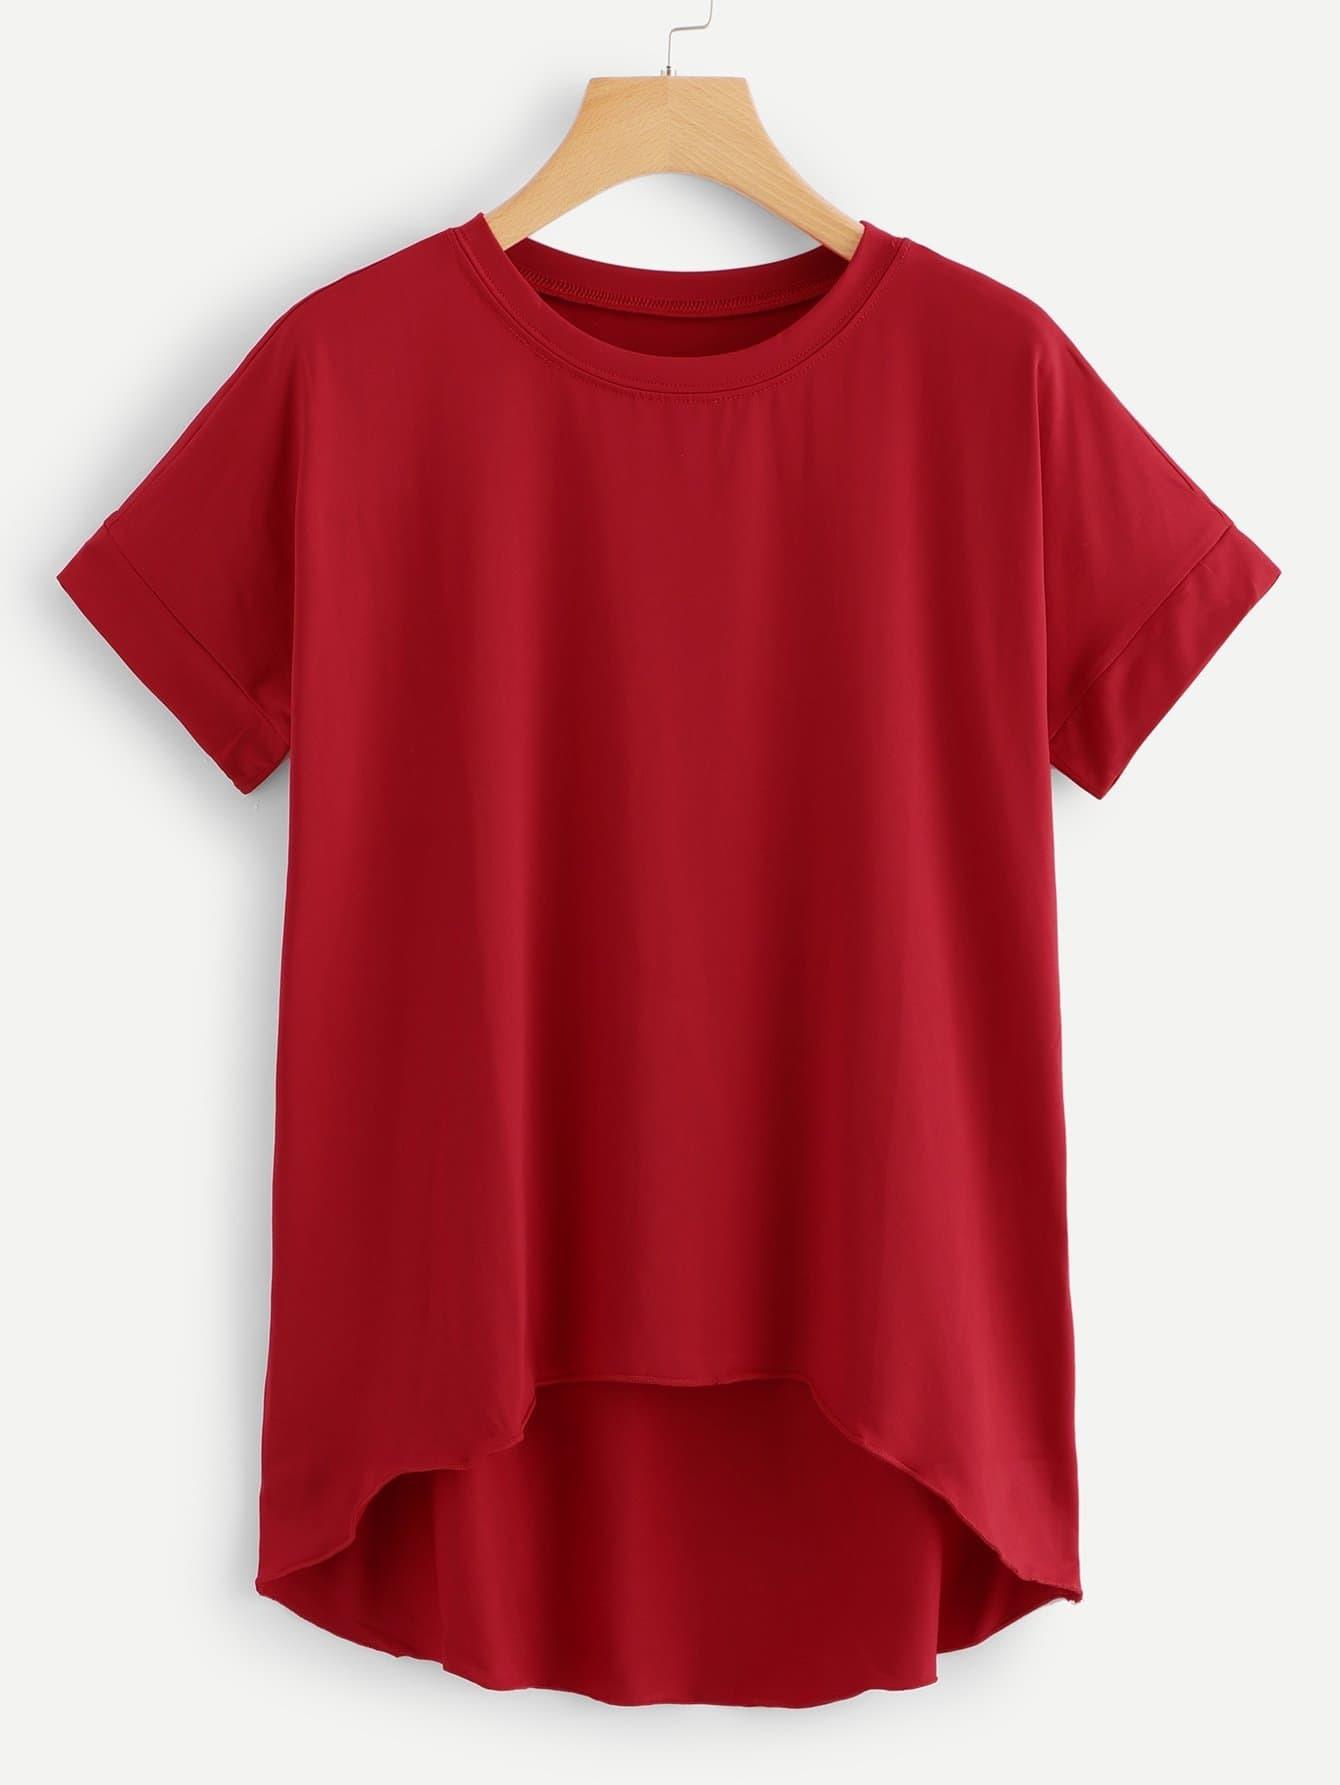 Купить Бордовая модная асимметричная футболка, null, SheIn